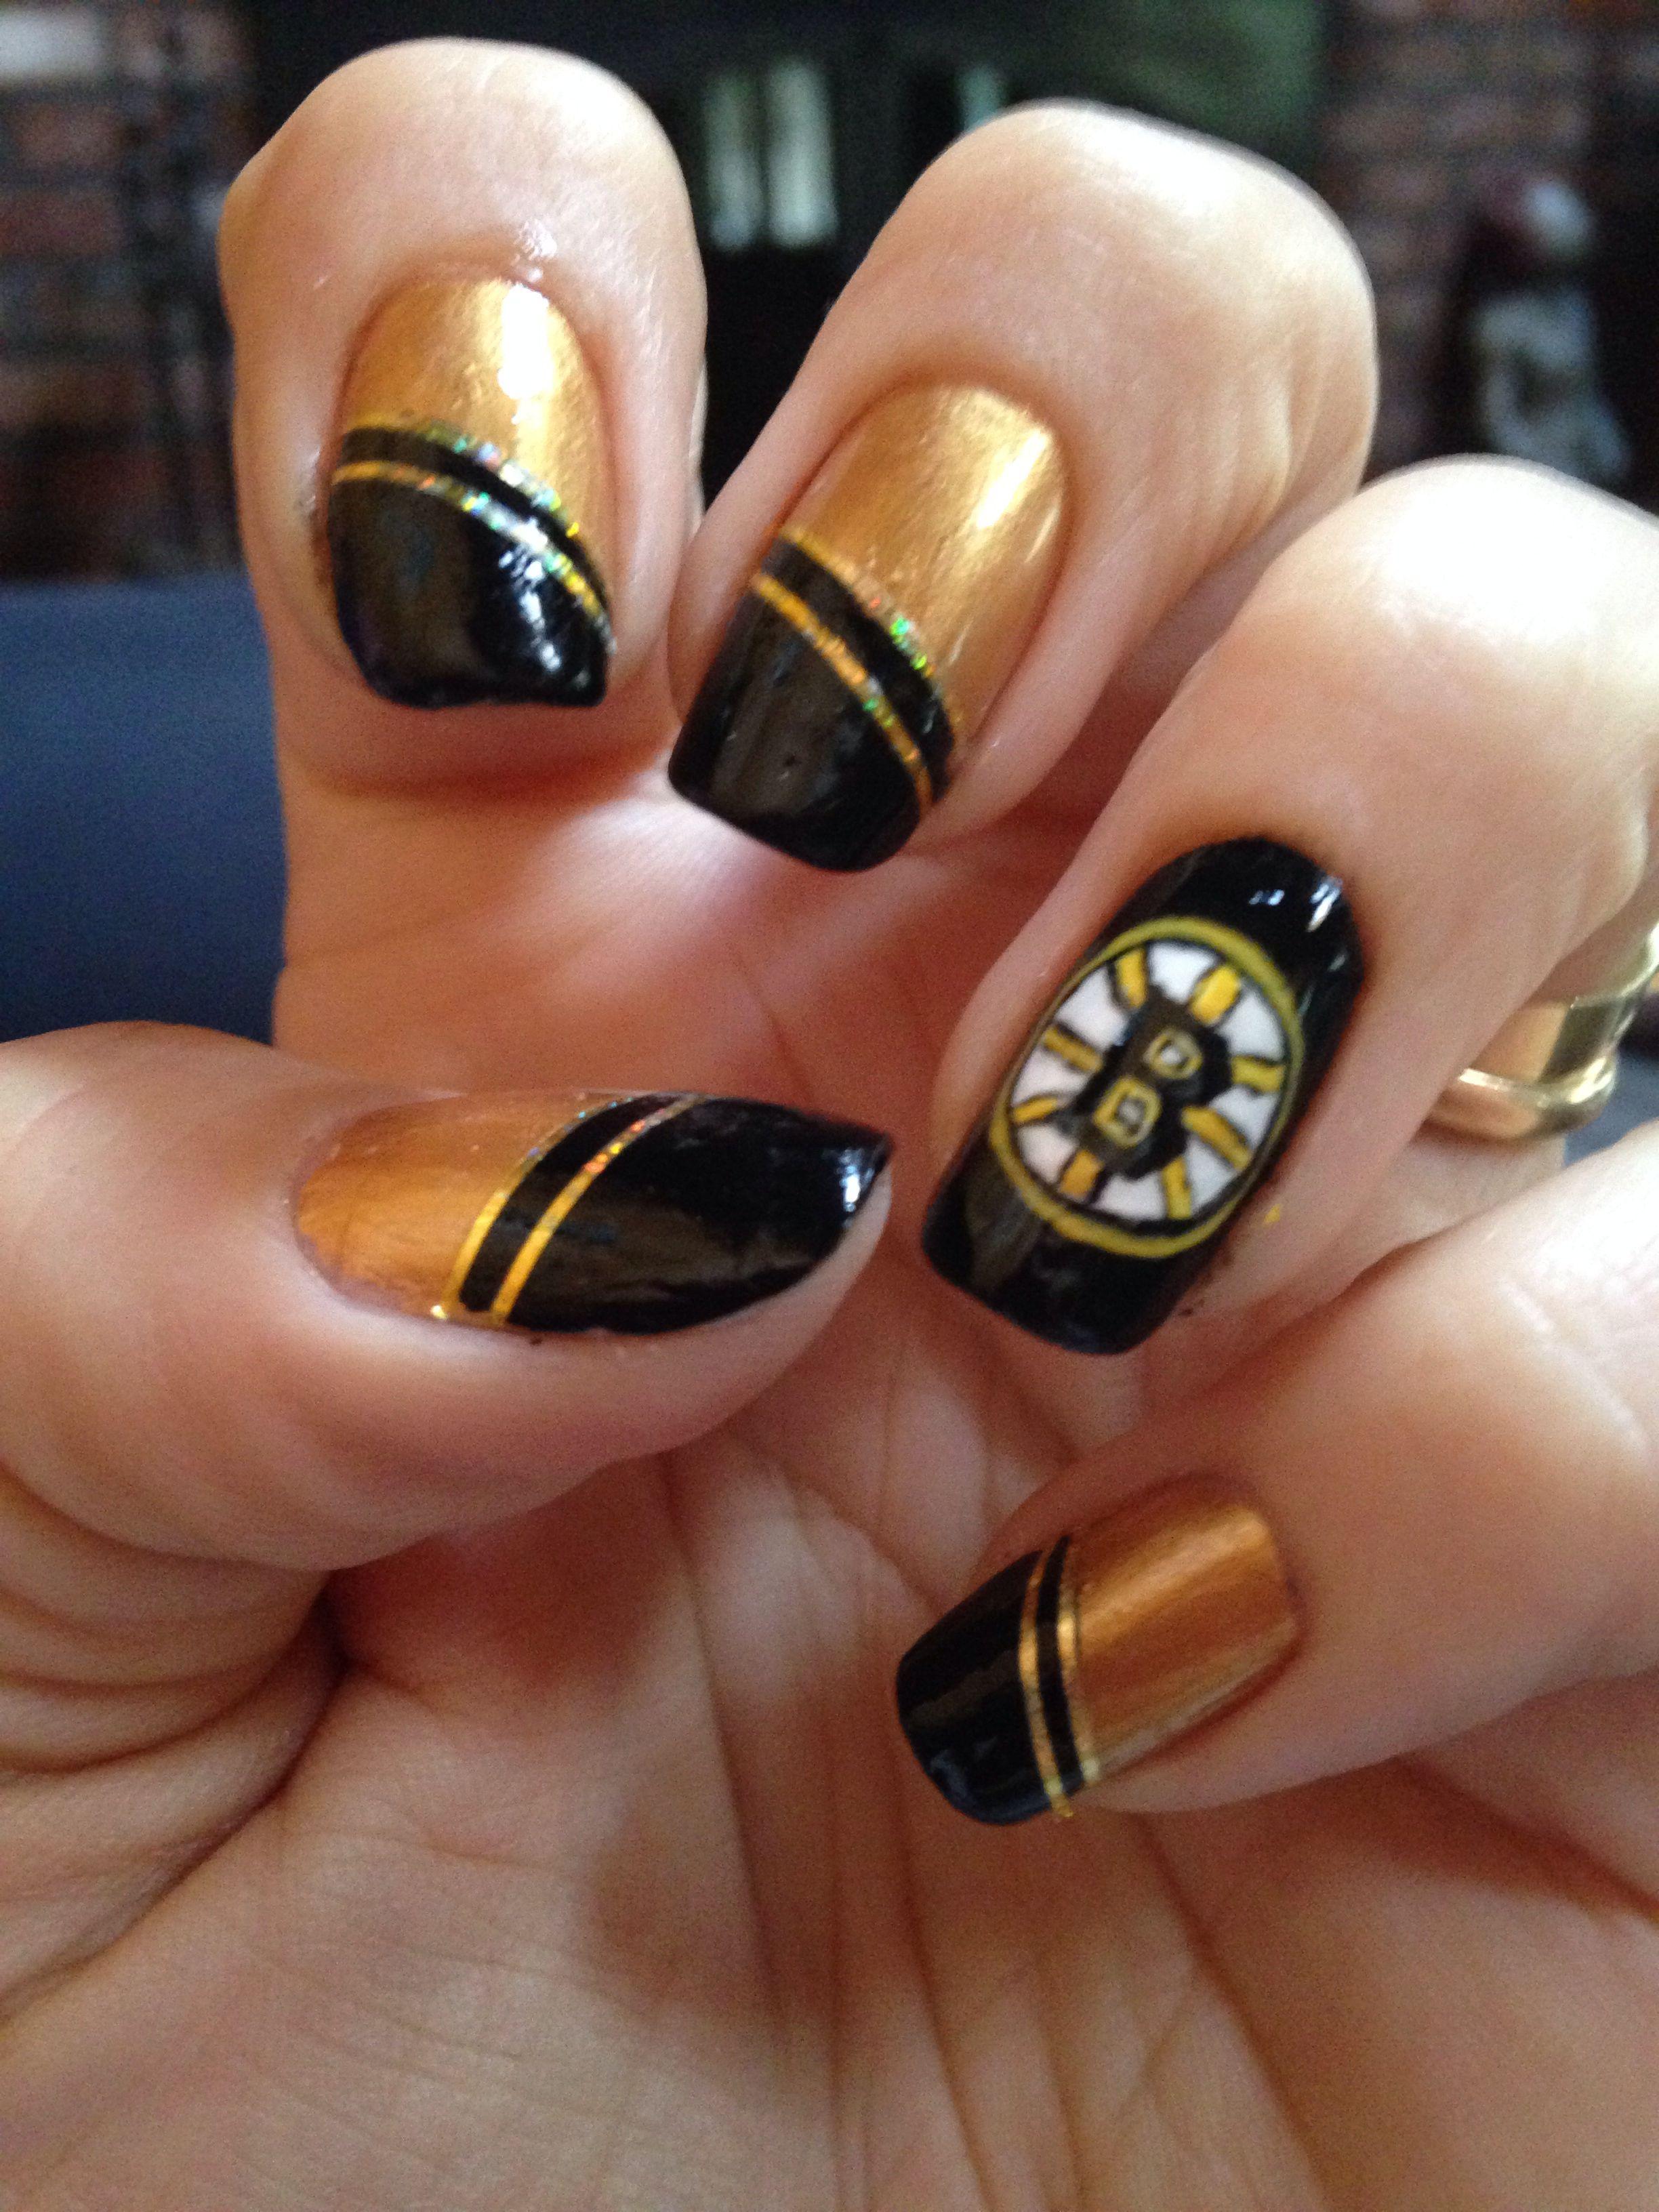 Boston Bruins Nails | Nail art | Pinterest | Fun nails, Gel nail art ...